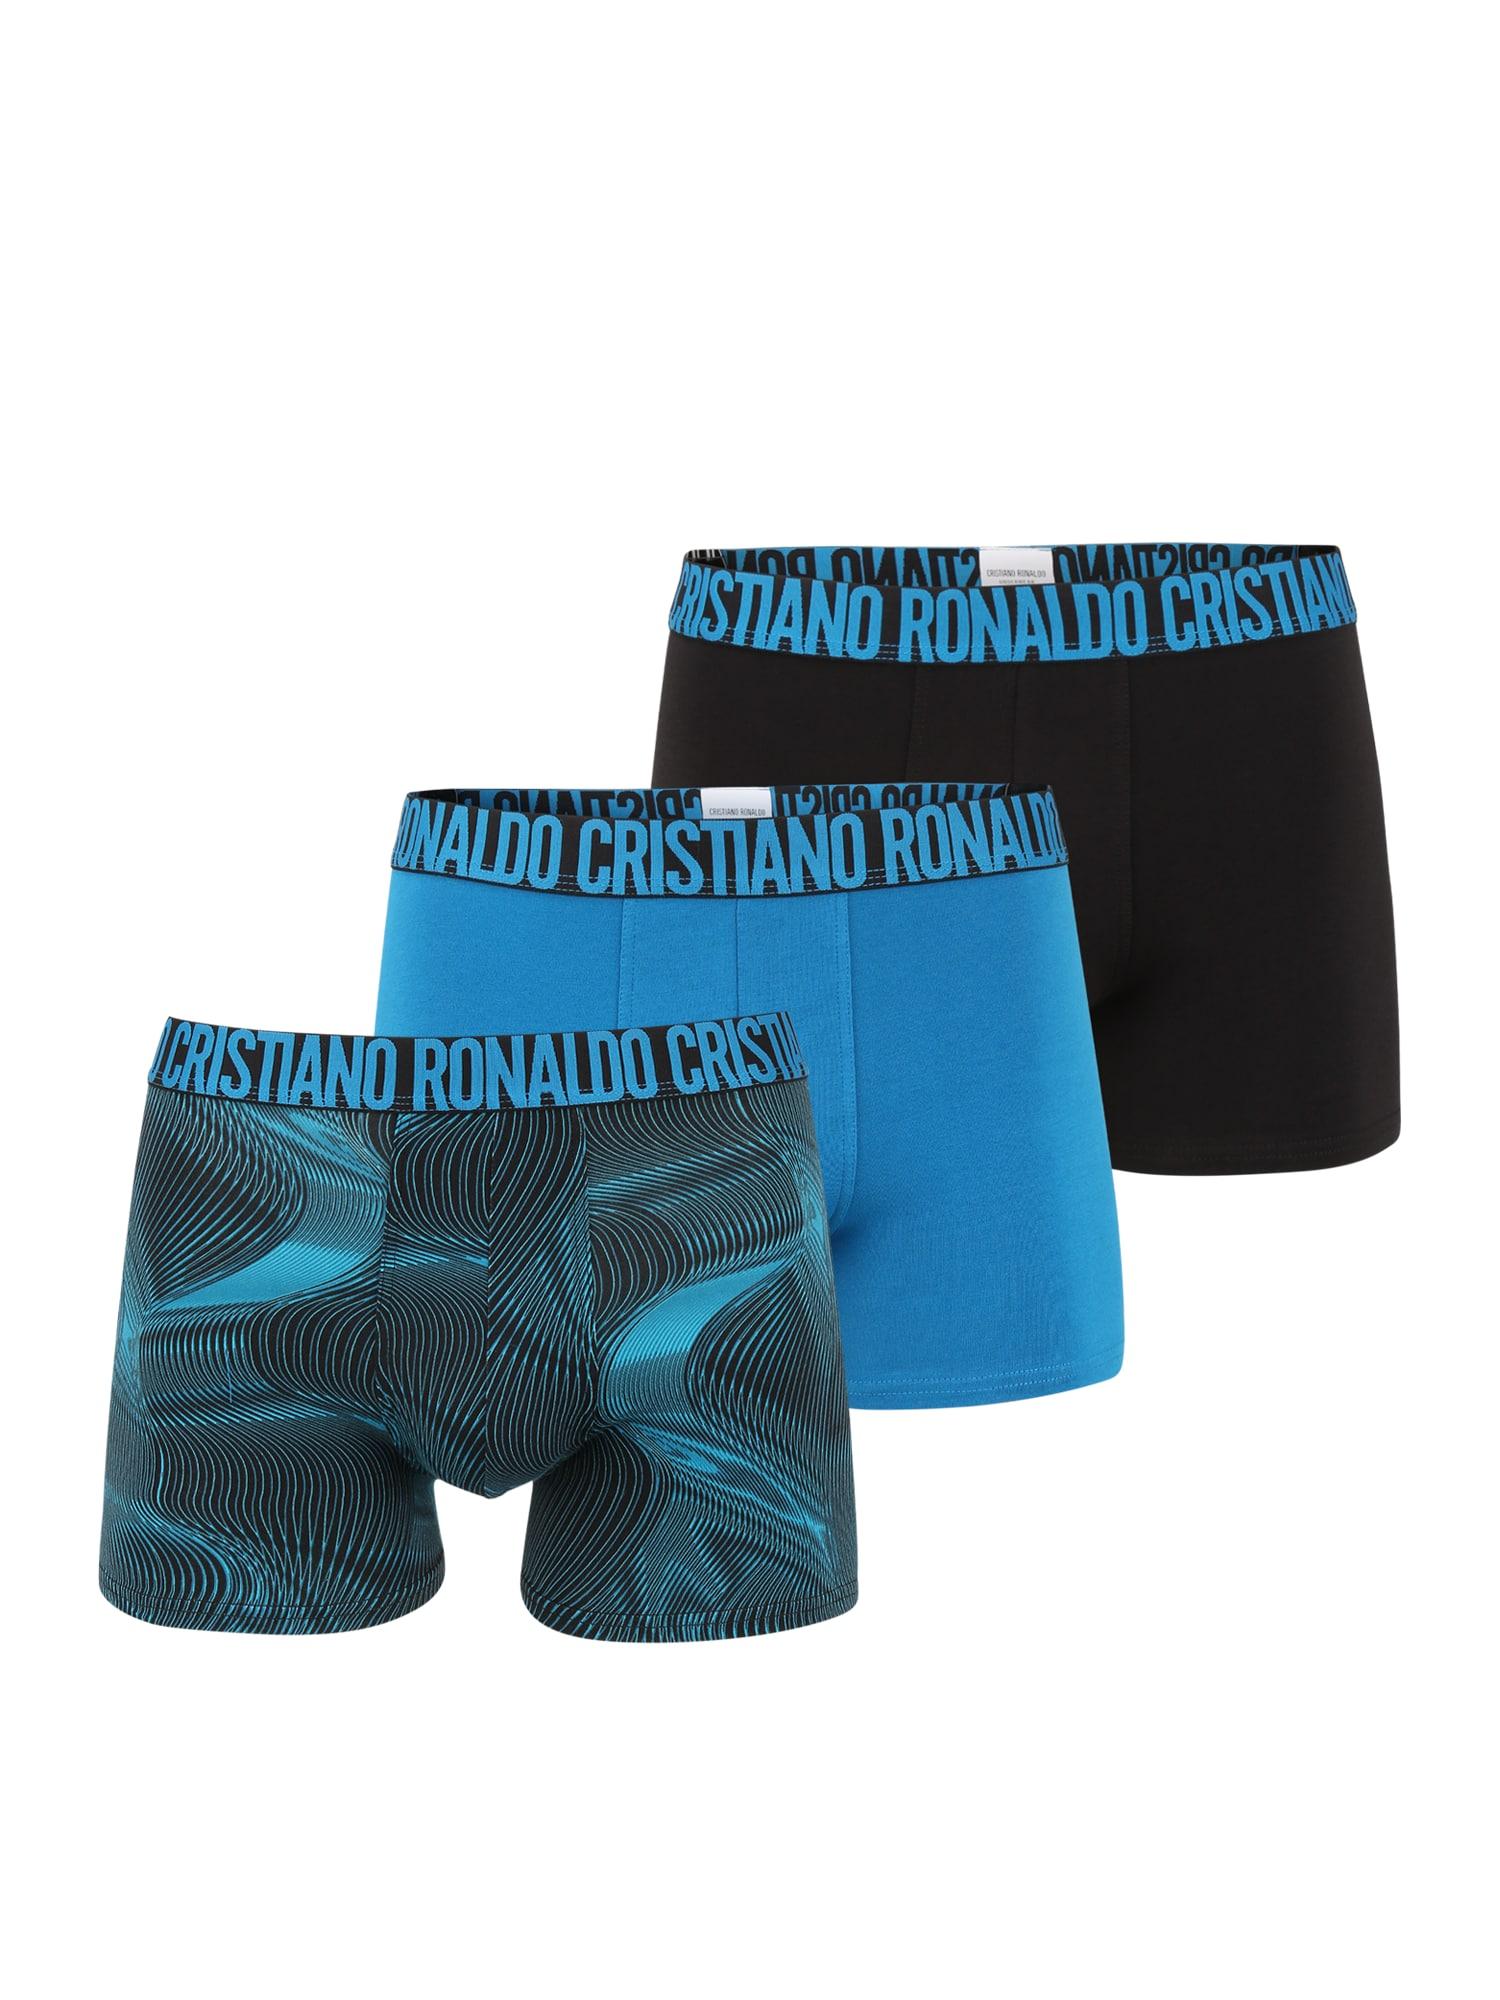 CR7 - Cristiano Ronaldo Boxer trumpikės juoda / dangaus žydra / turkio spalva